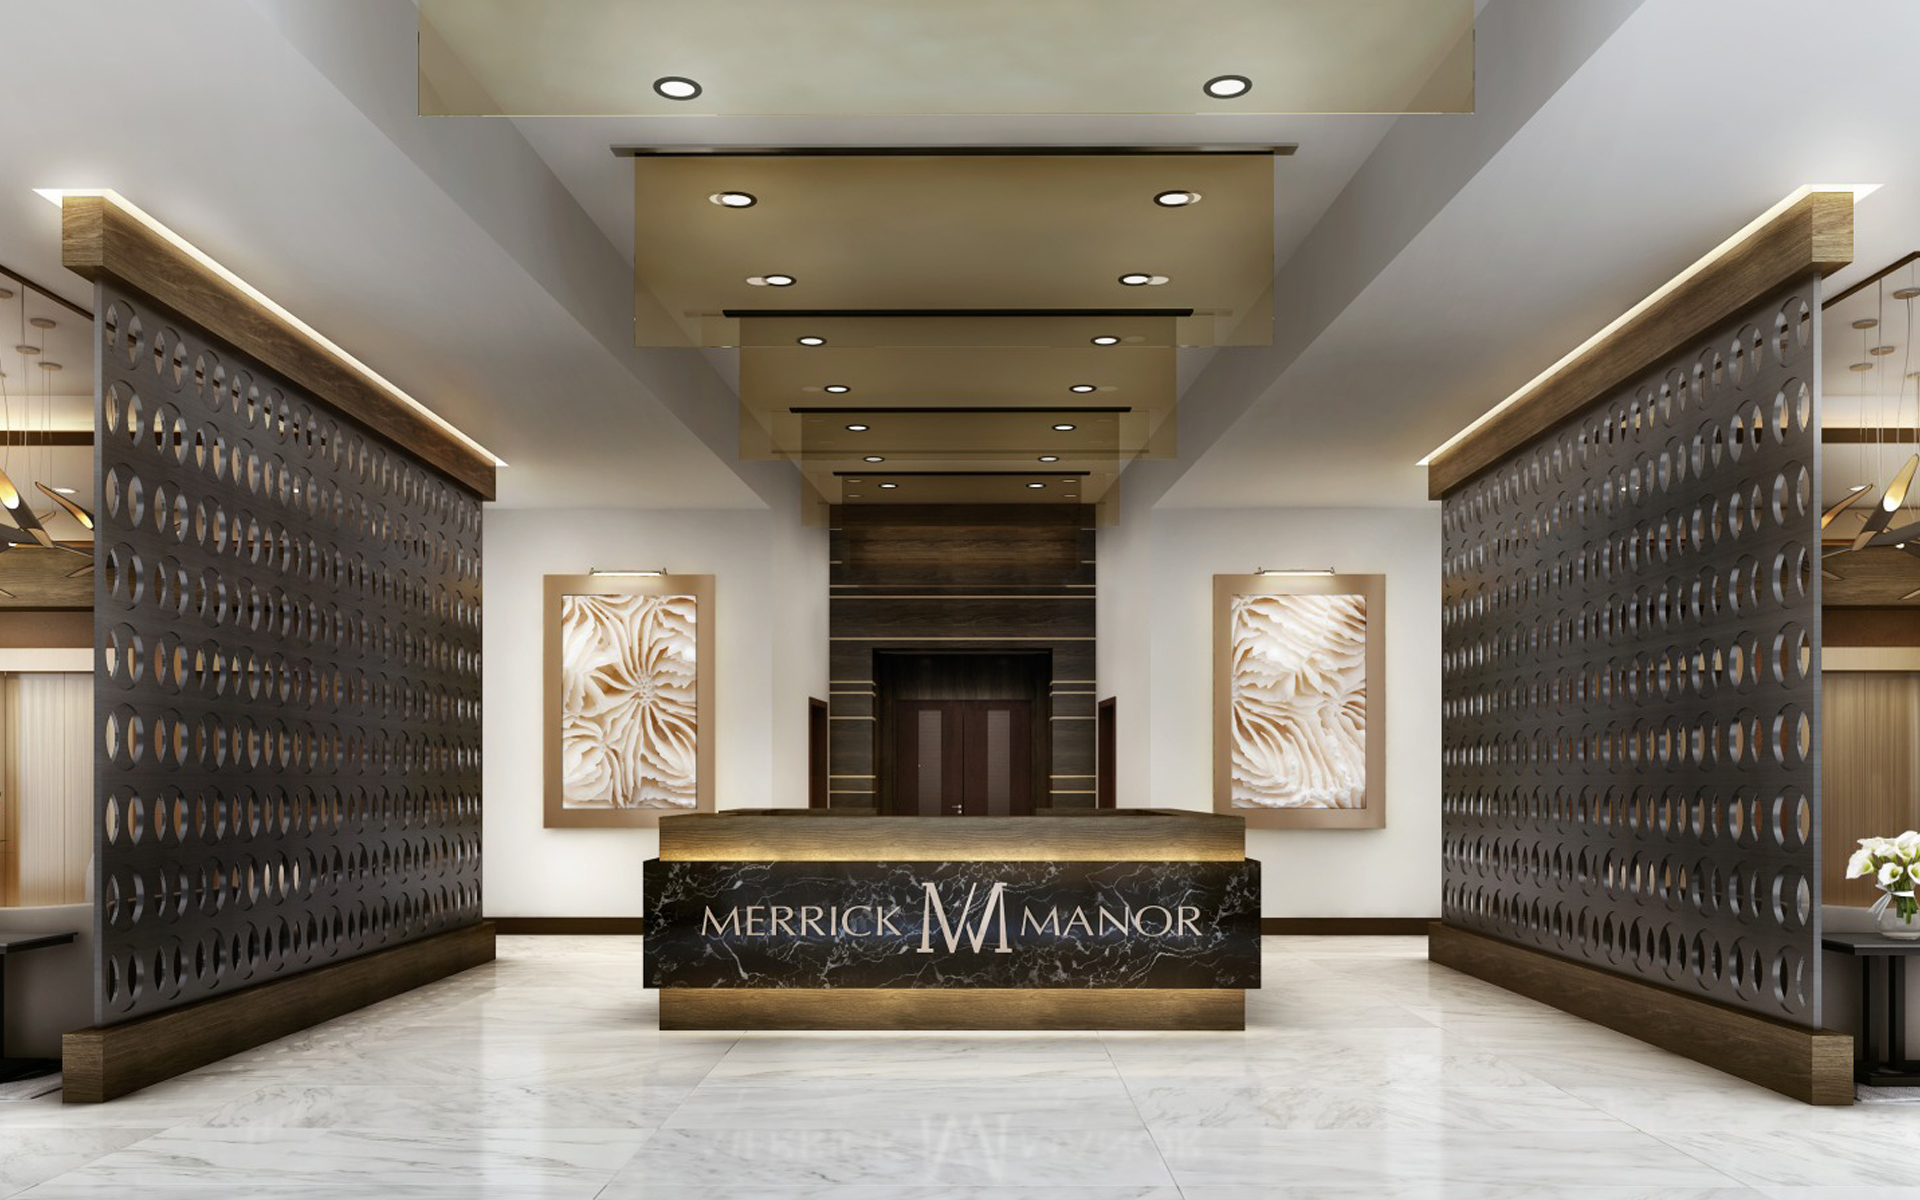 merrick-manor-9